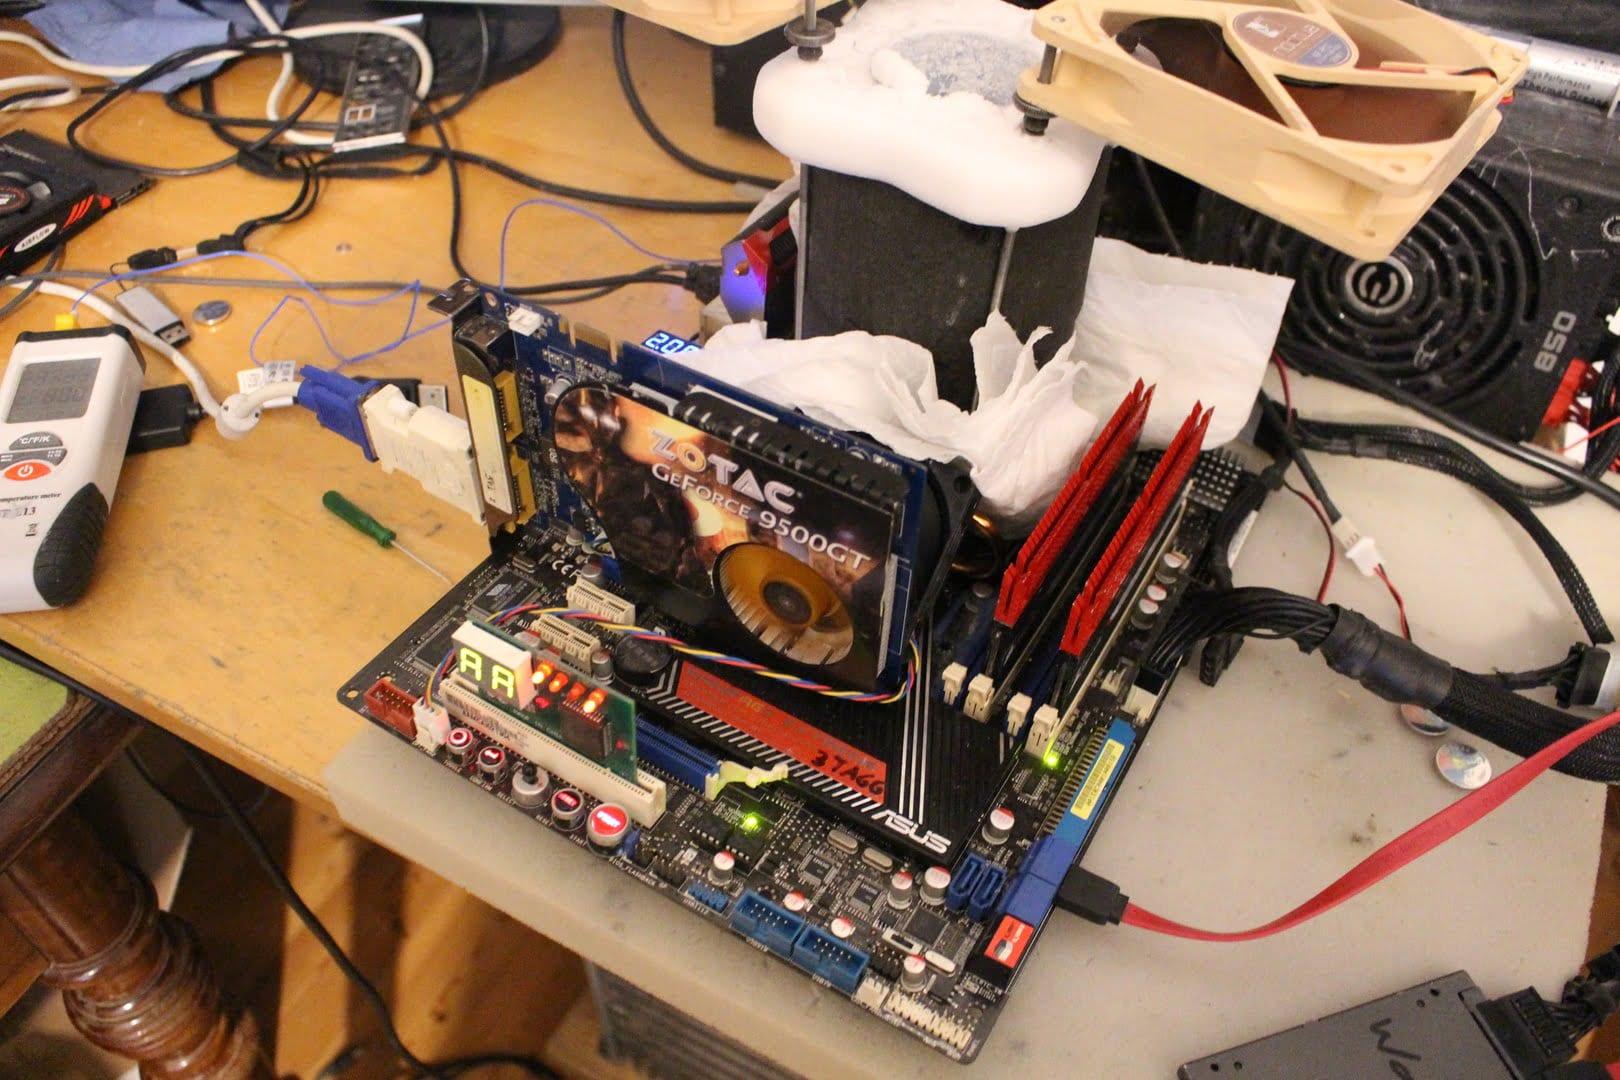 8362МГц: ivanqu0208 занял второе место в модельном зачете классического чипа Intel Celeron D 347